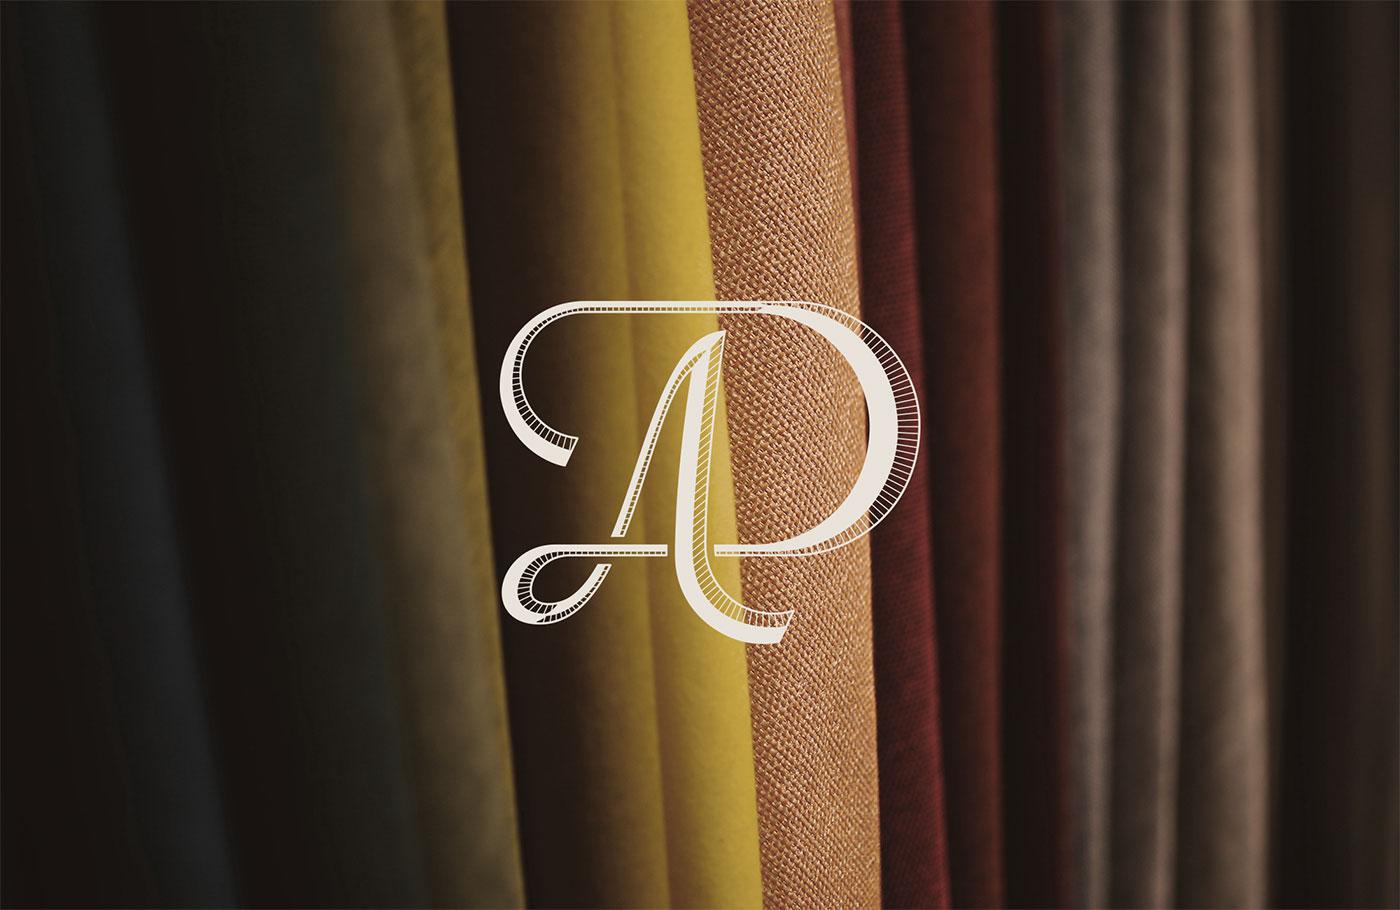 Outfit Branding Dominique Aimée Clothes Fabric